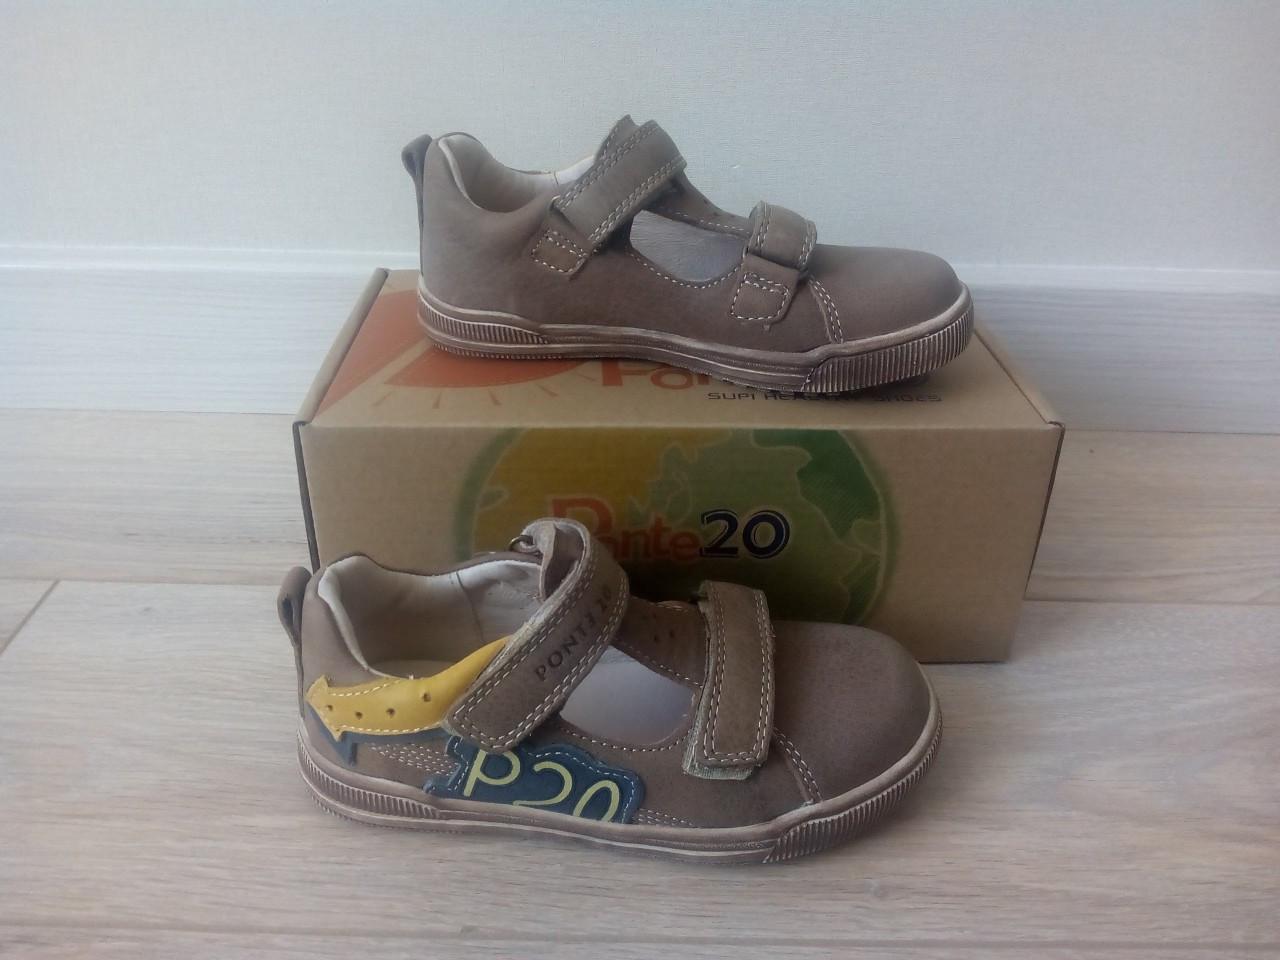 Детские кожаные туфли фирмы Ponte20, цвет коричневый, разные размеры